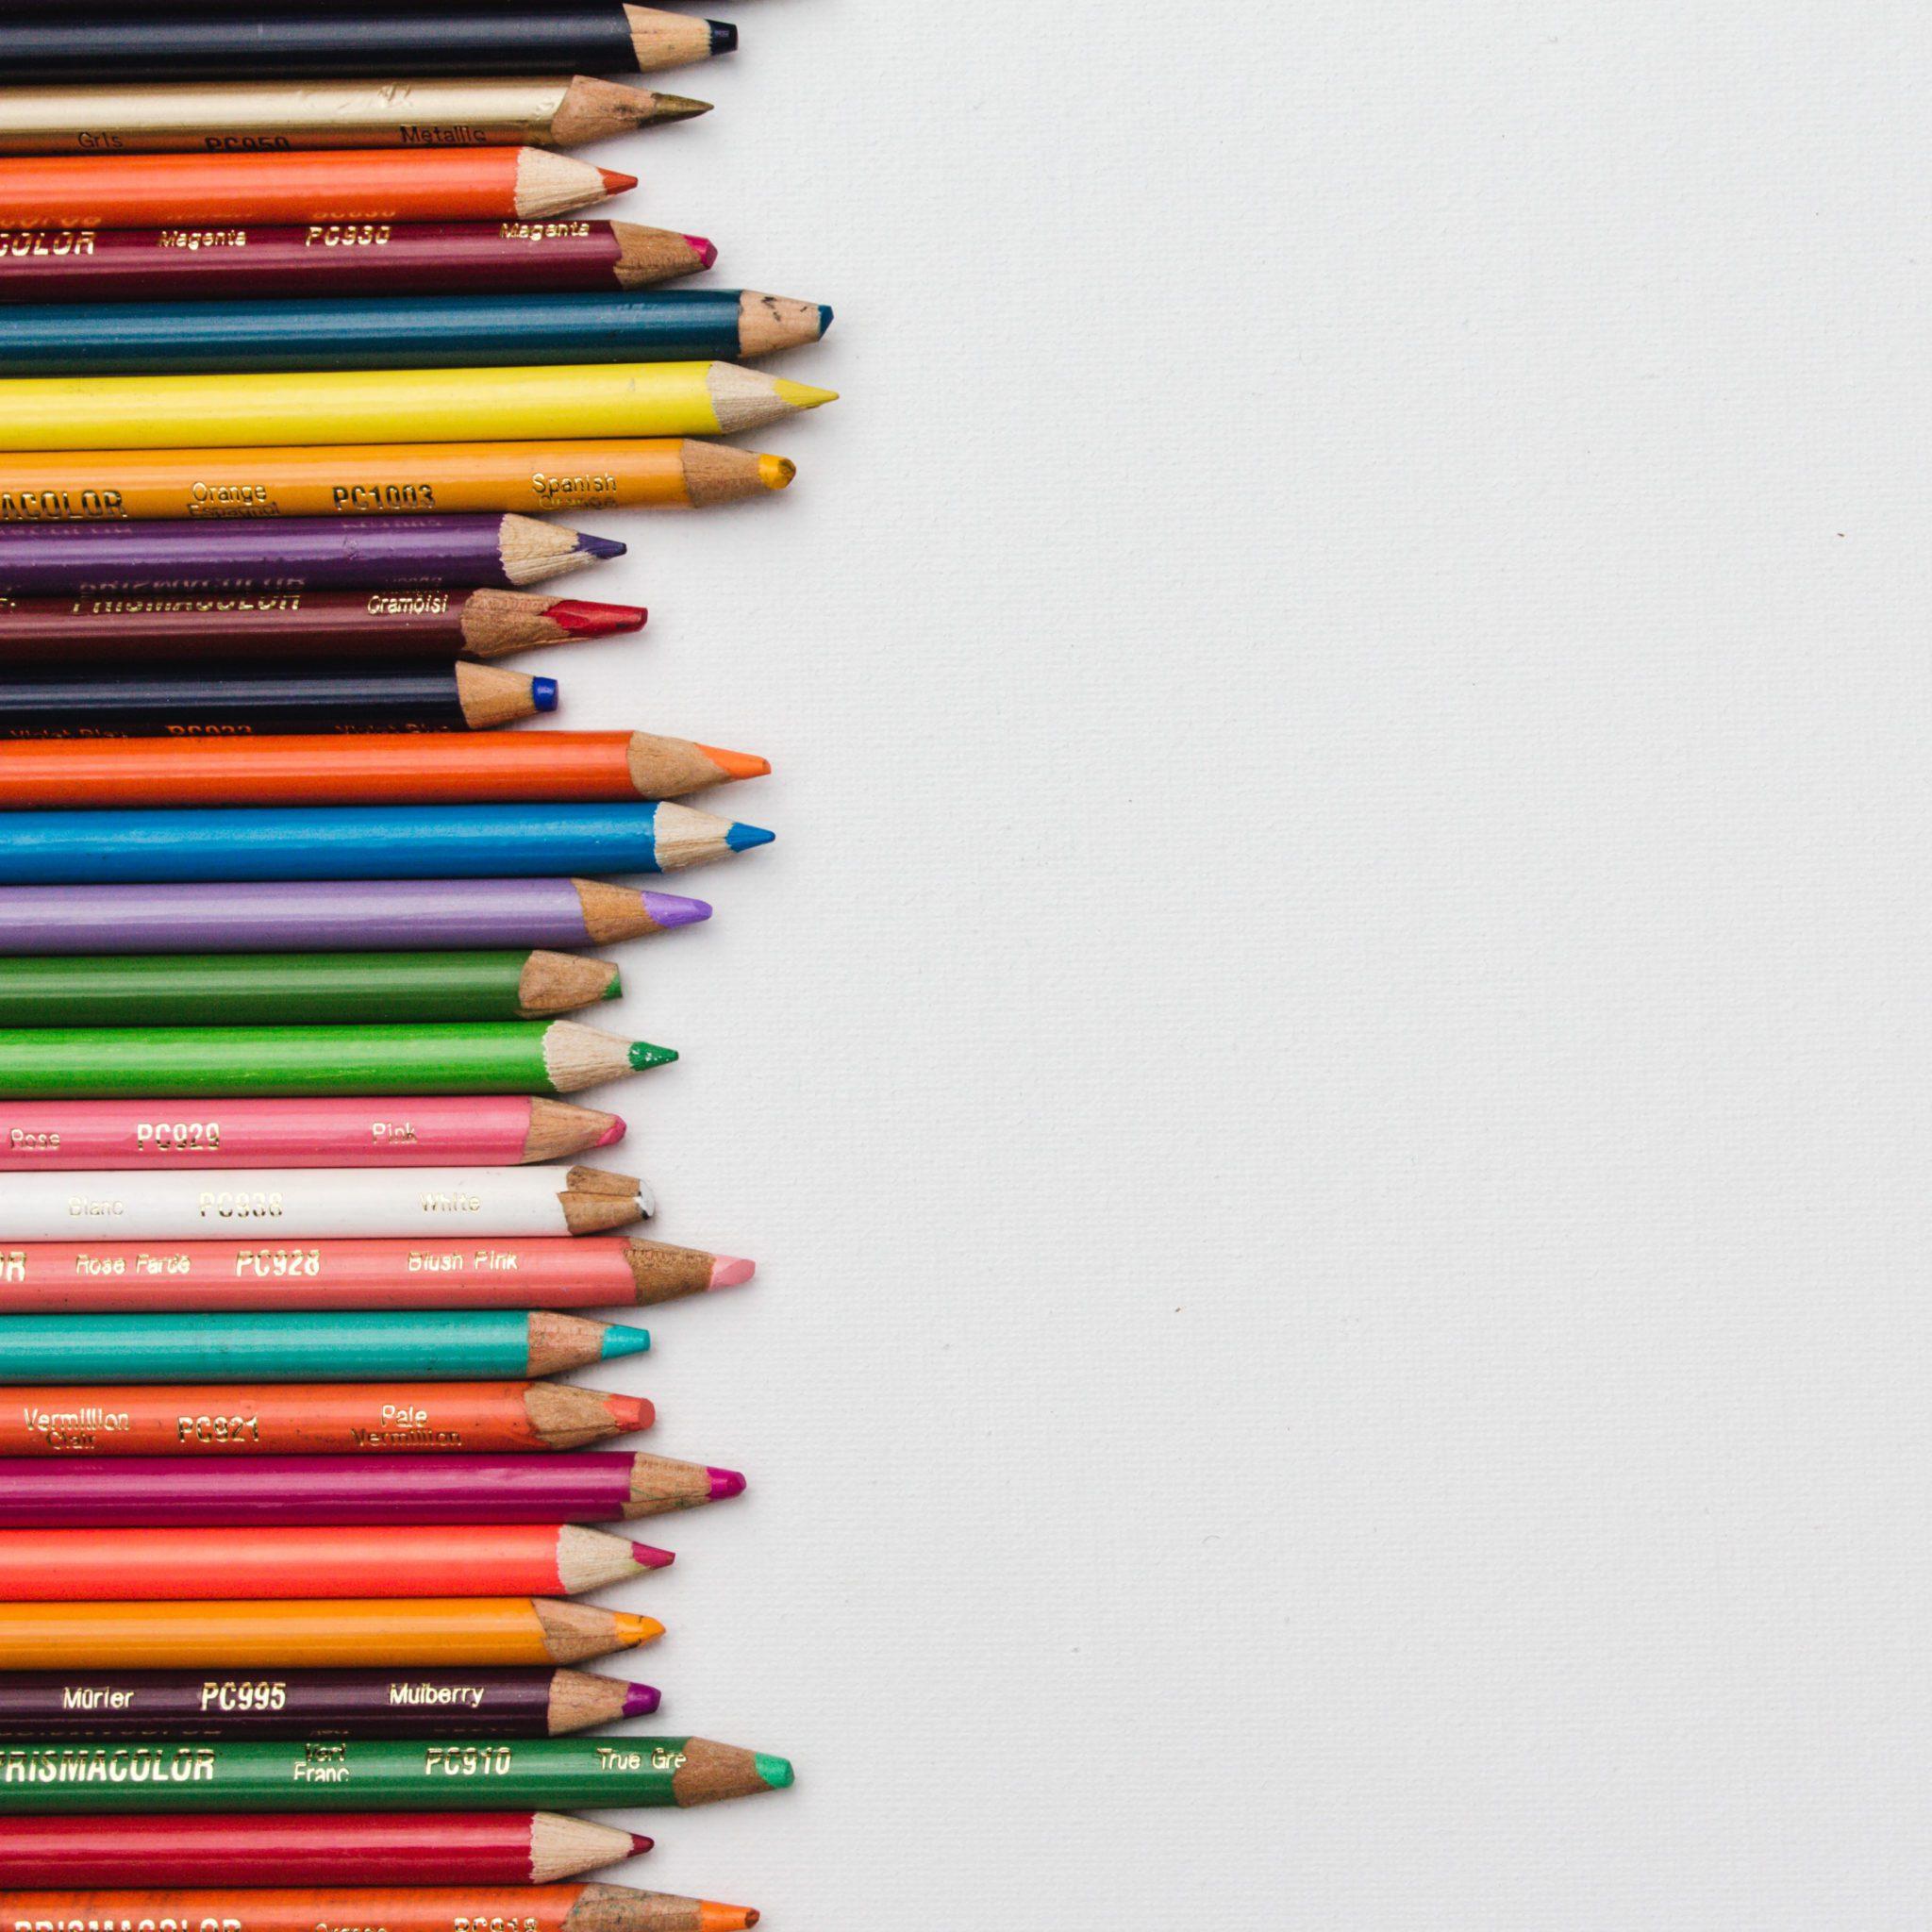 Kolorowanki dla dorosłych i ich zalety